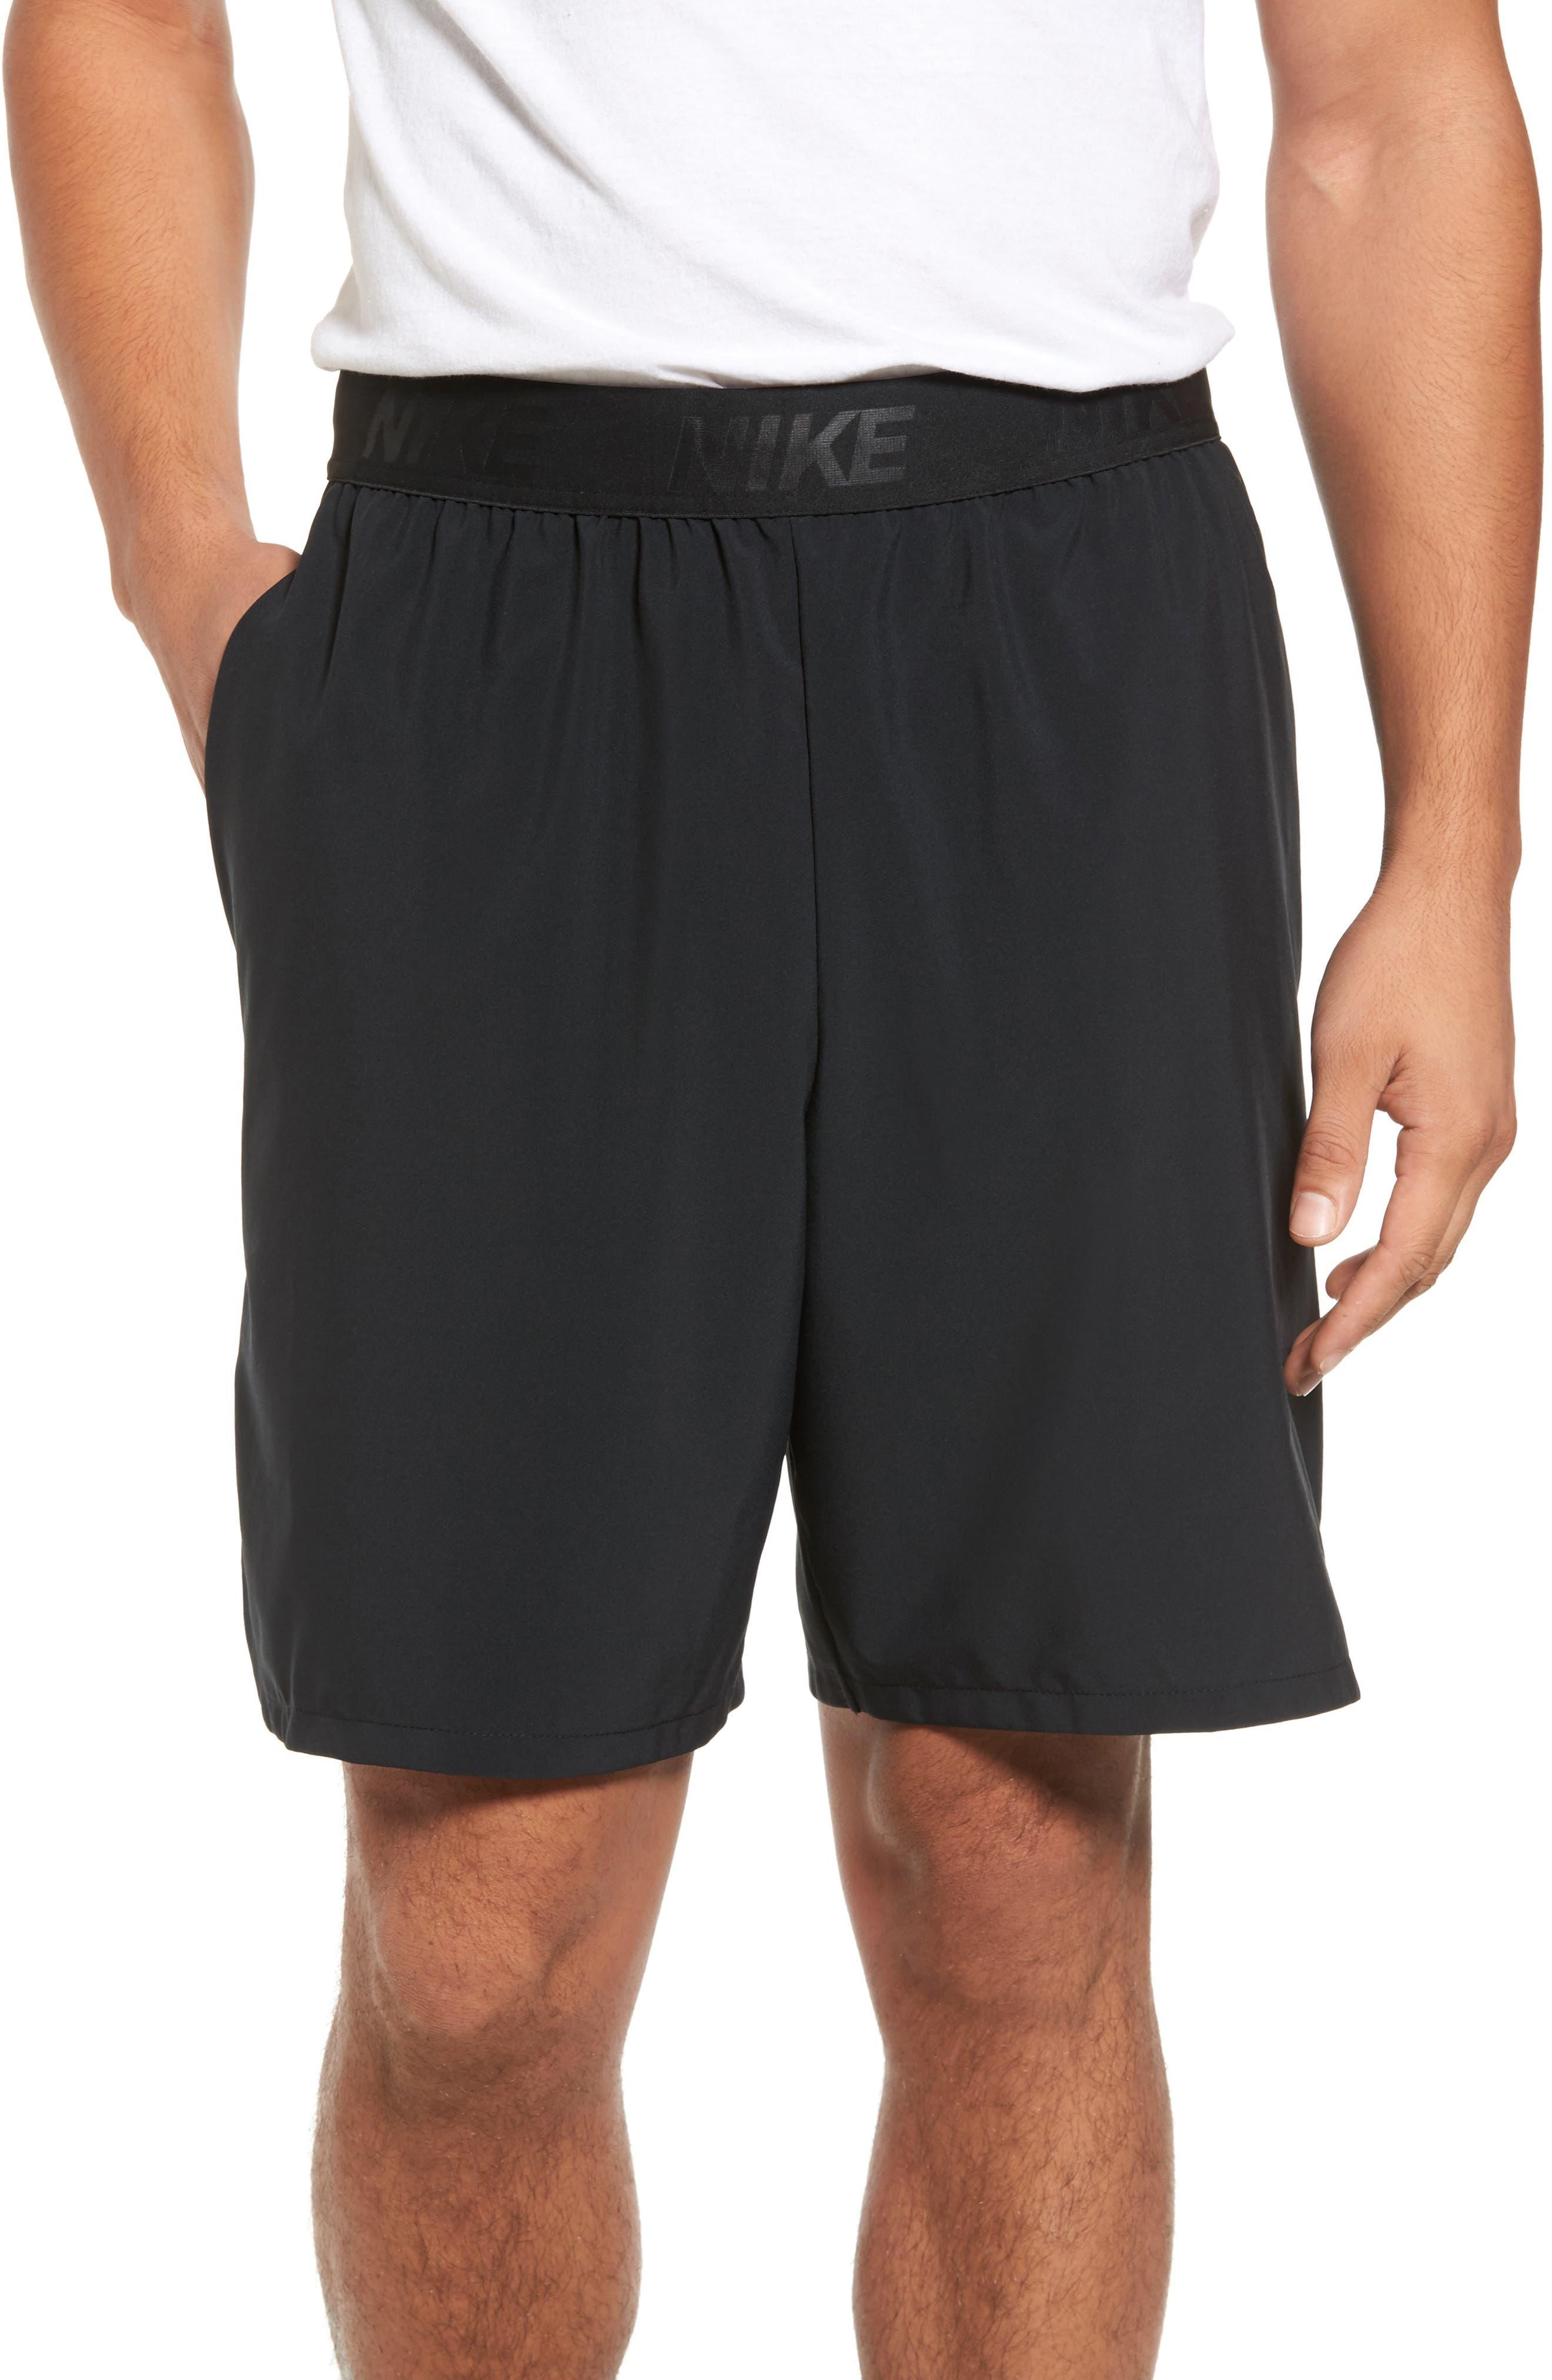 Flex Vent Max Shorts,                             Main thumbnail 1, color,                             Black/ Mtlc Hematite